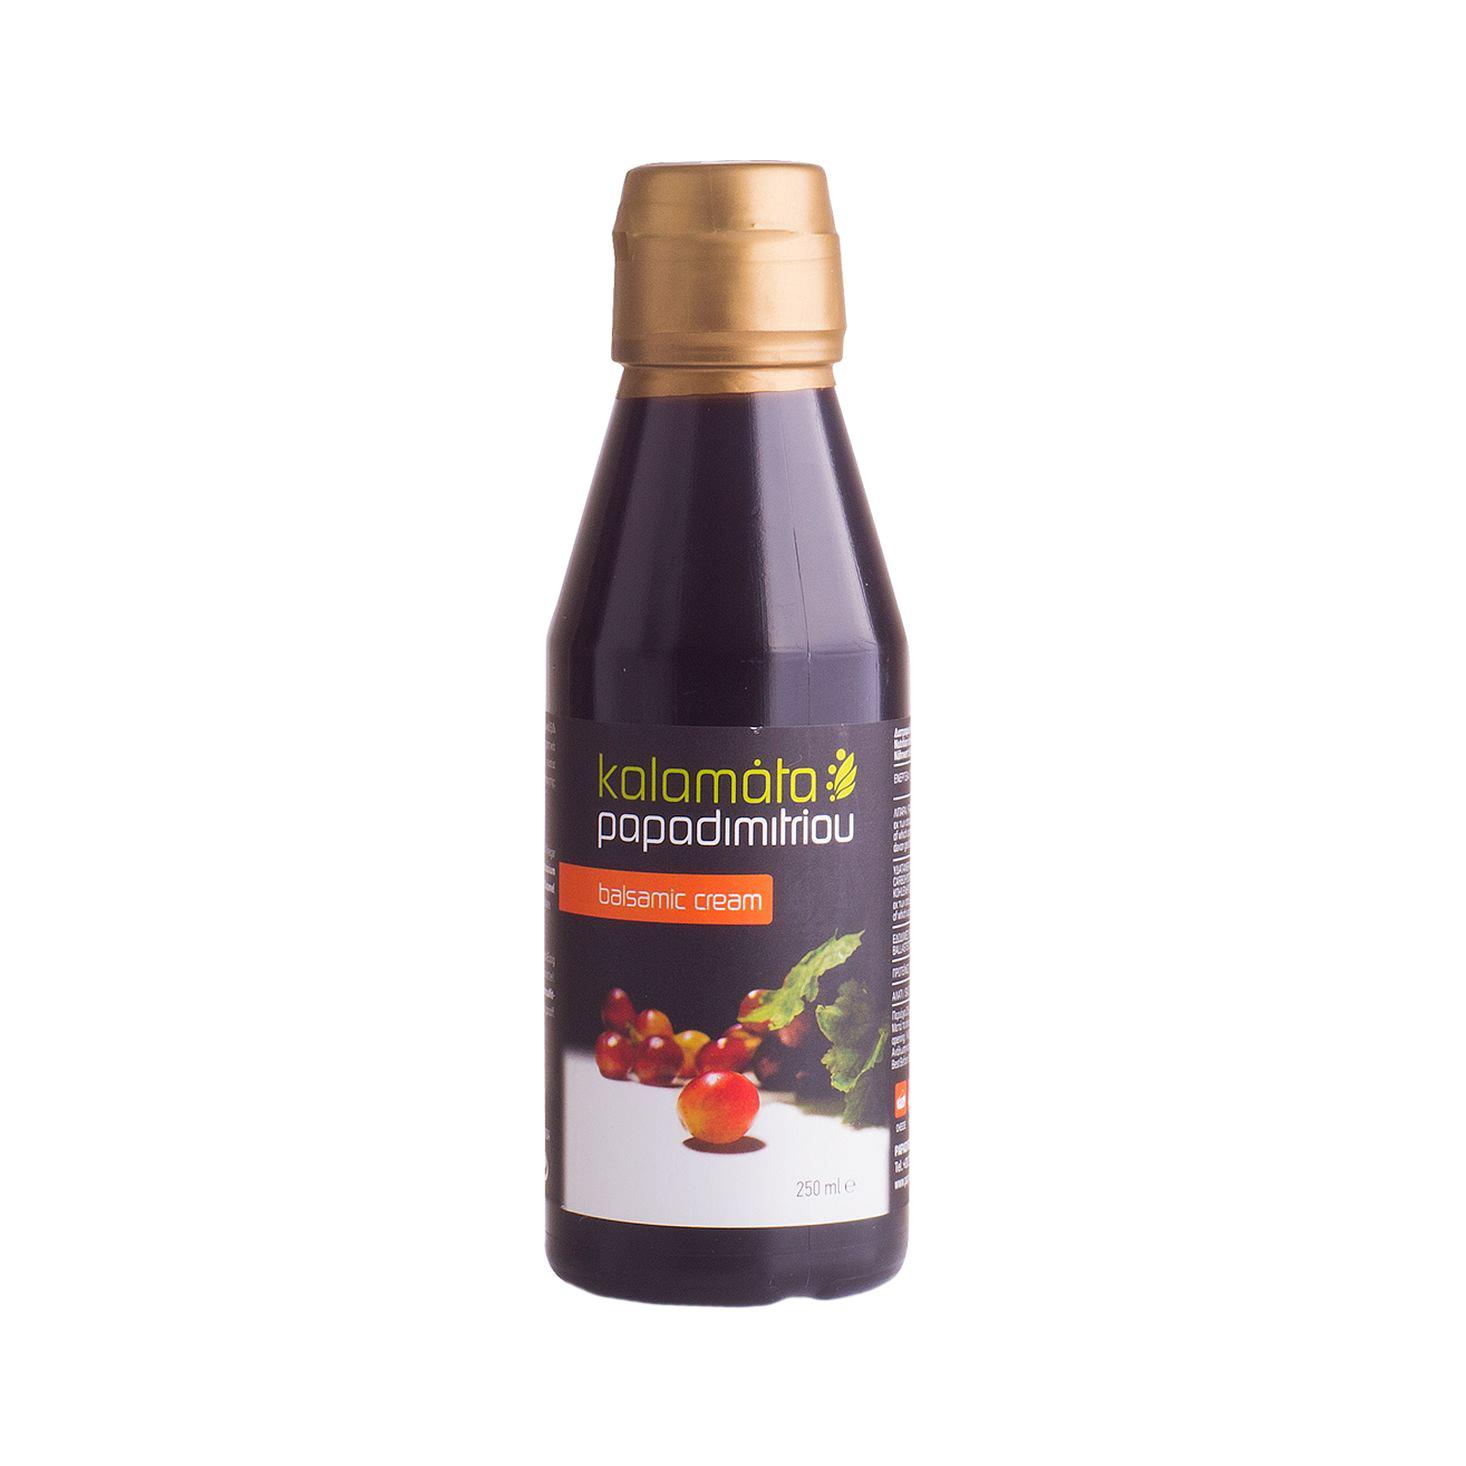 Соус бальзамический Papadimitriou Каламата 250 мл бальзамический крем papadimitriou с апельсином и лимоном 250 мл